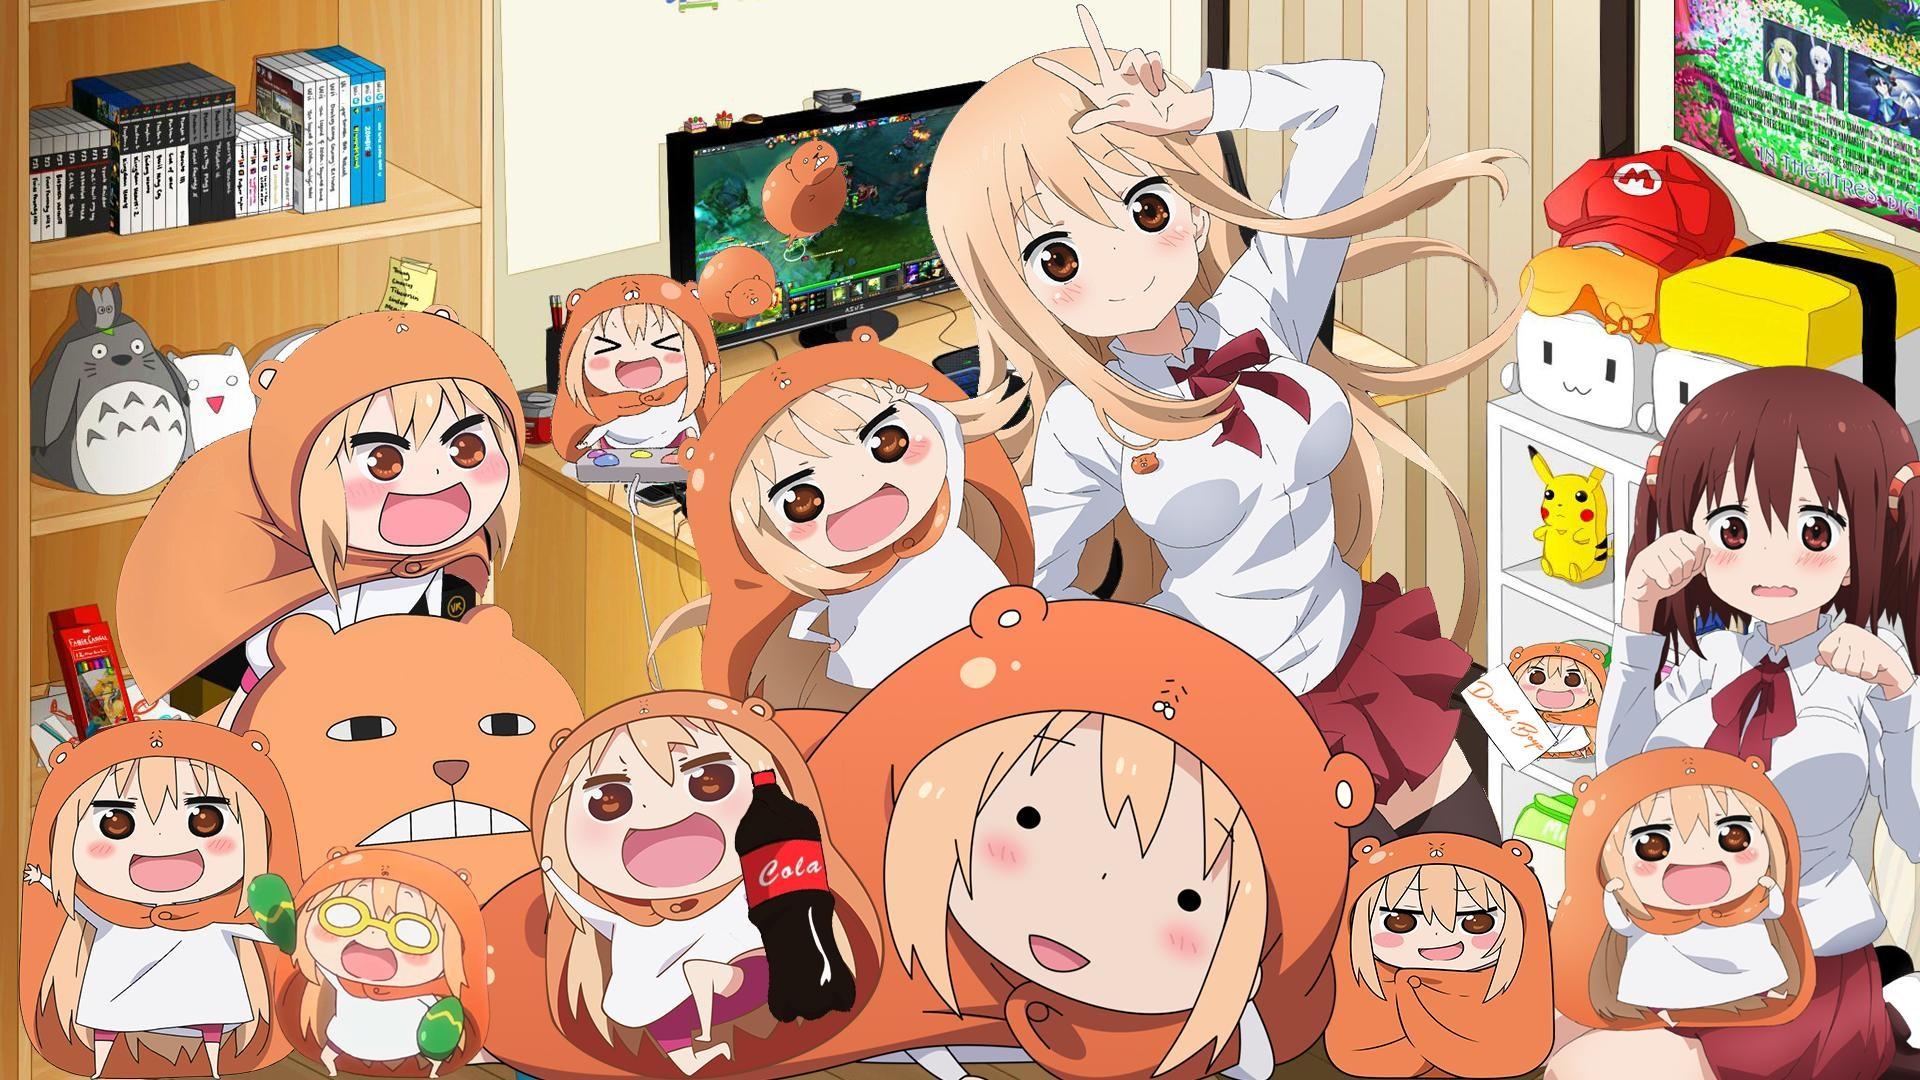 Himouto! Umaru-chan wallpaper